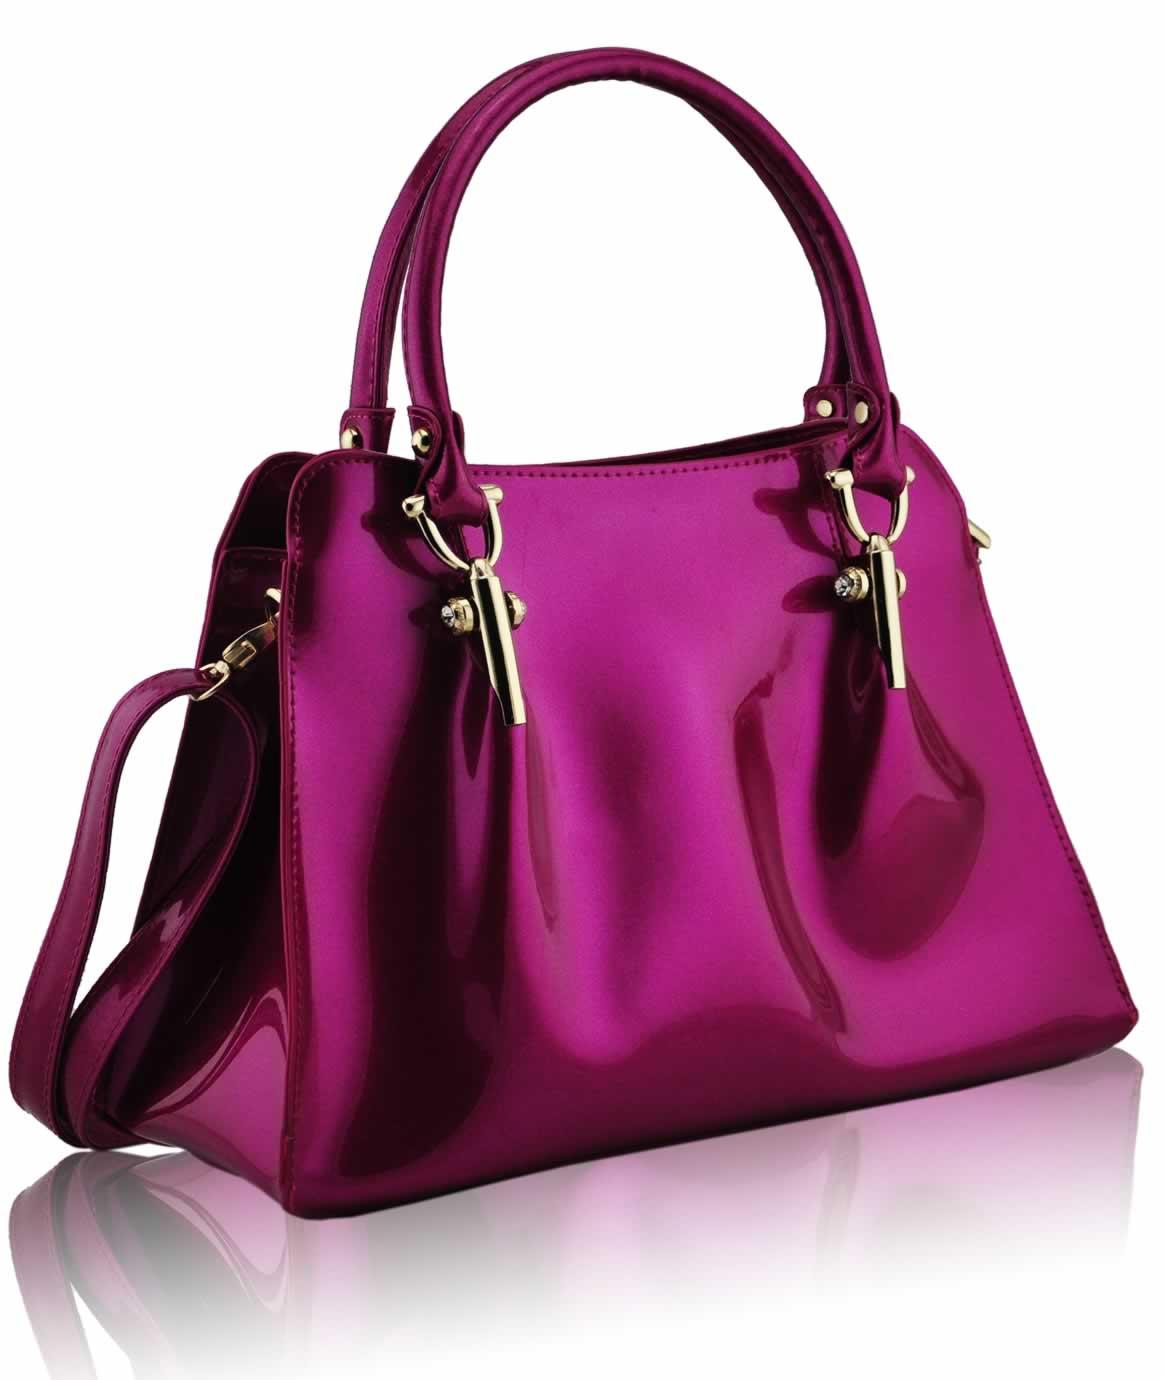 12 Fashion Bags